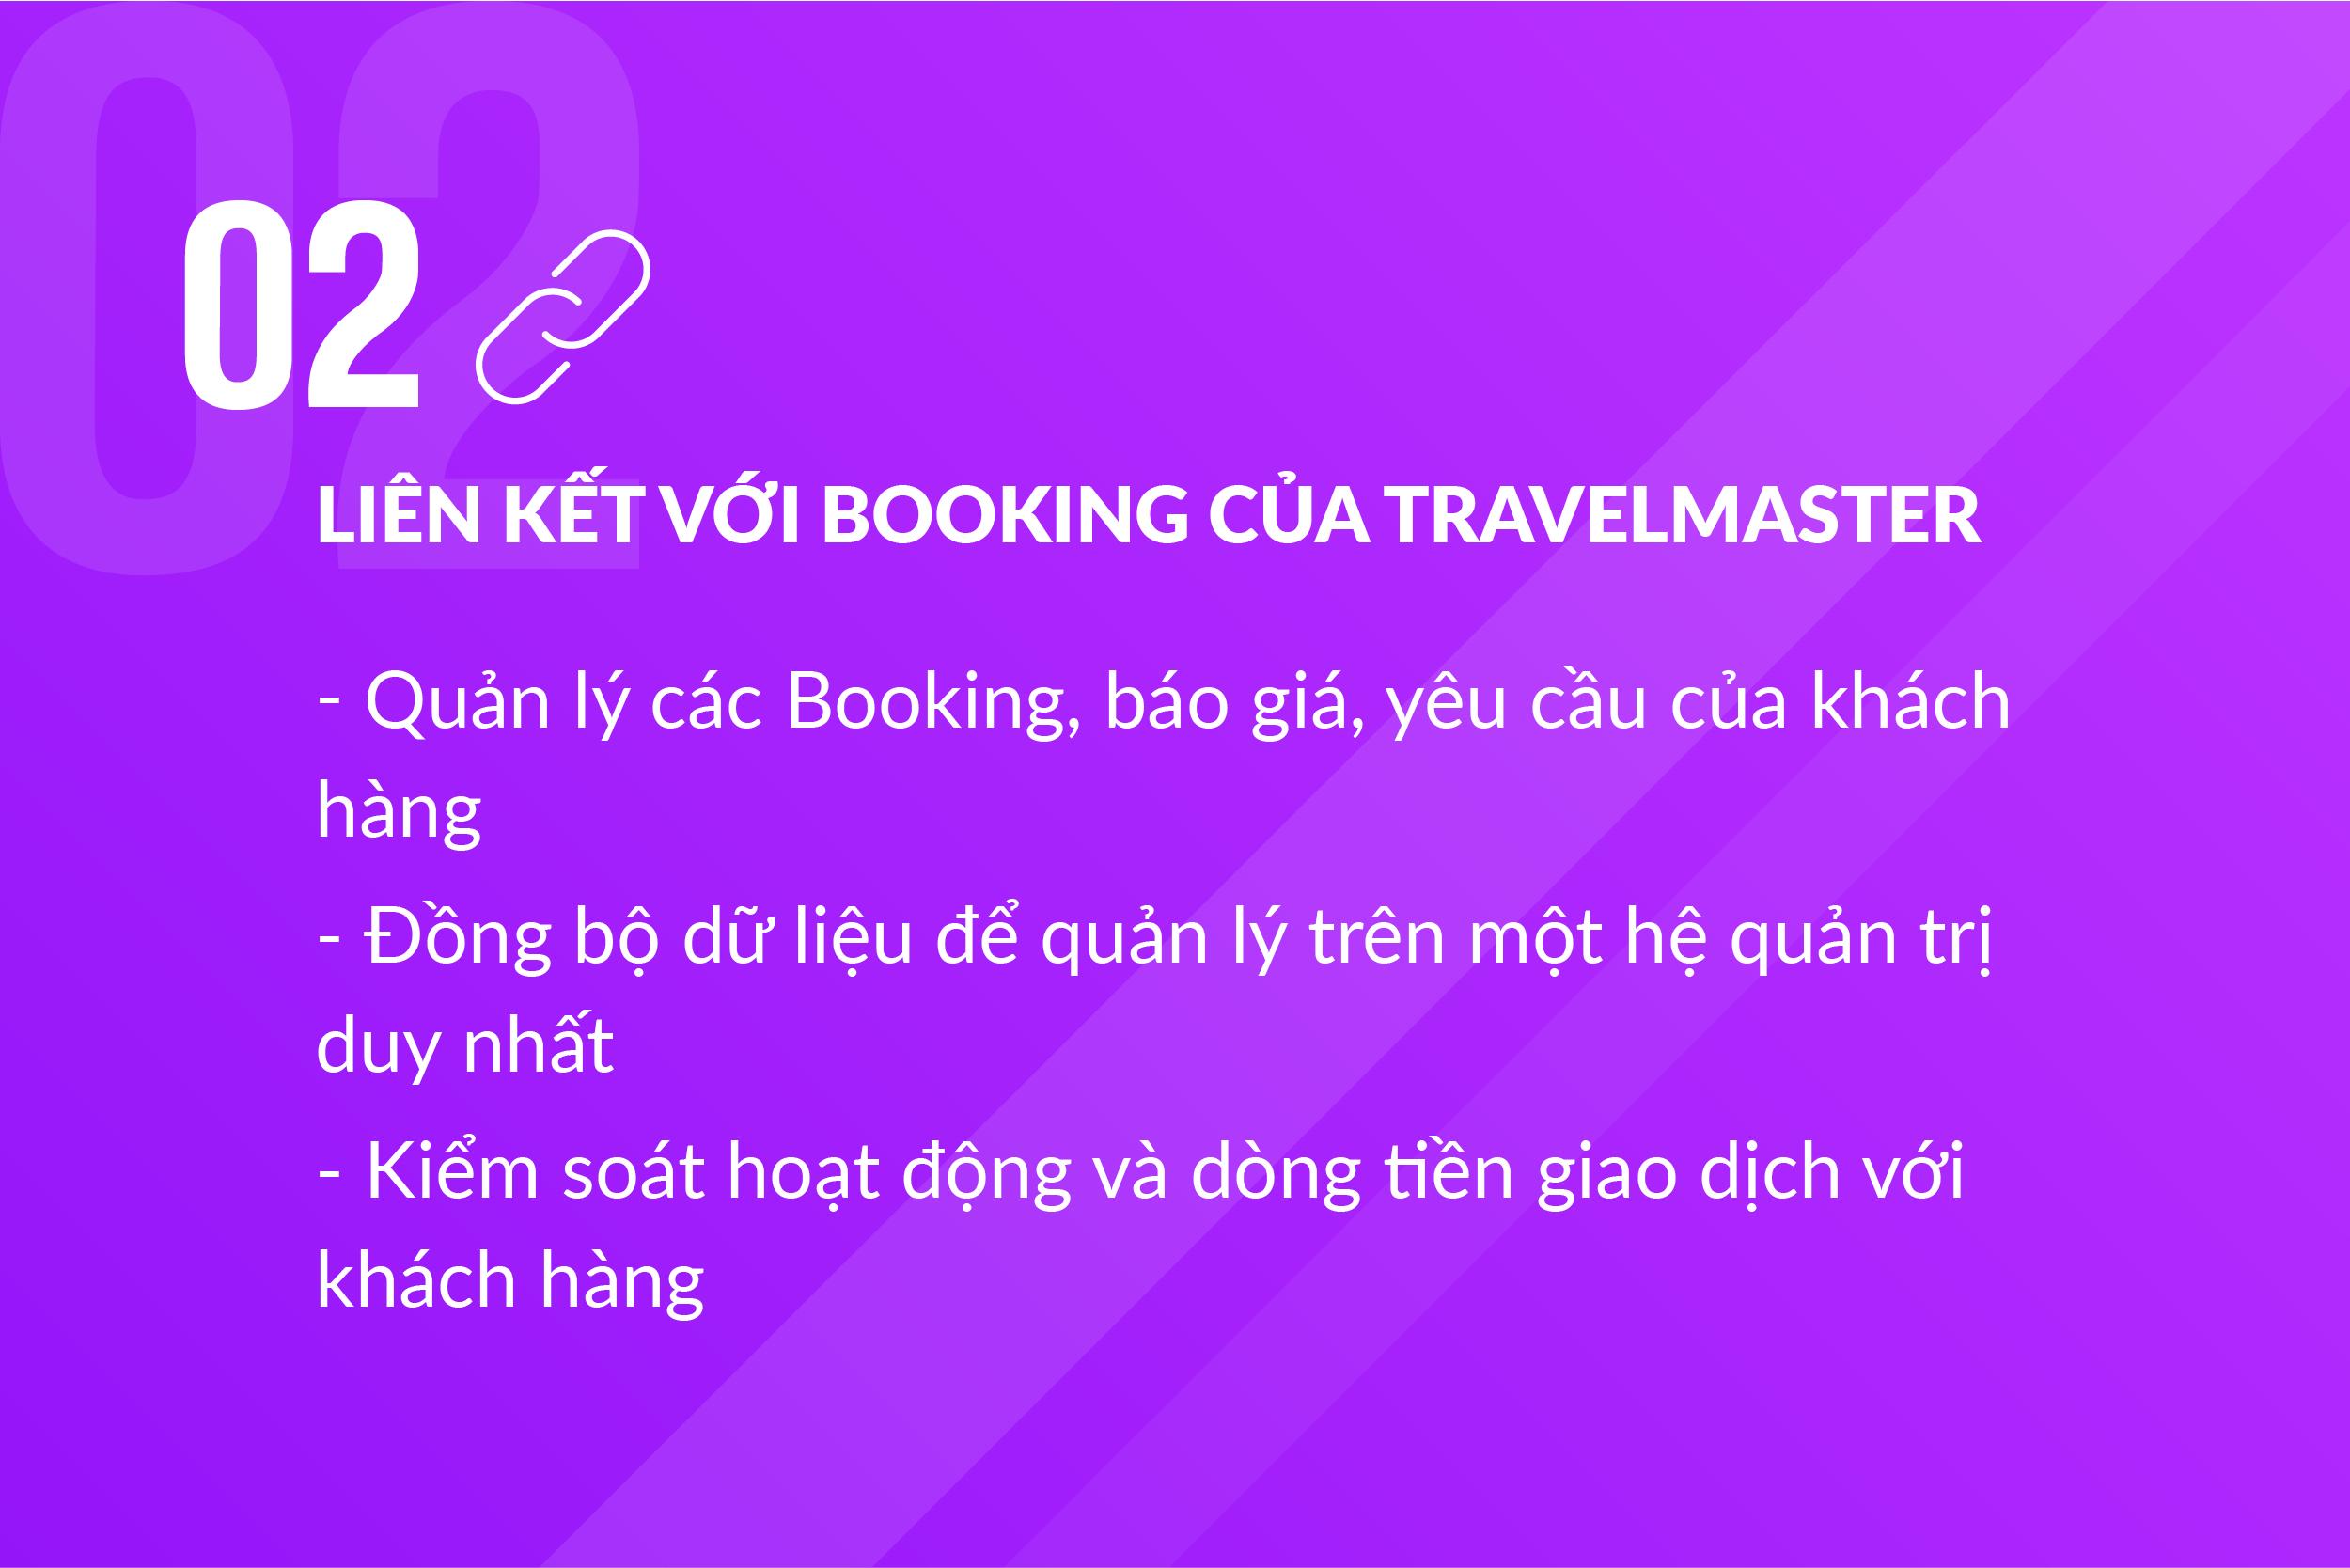 lien-ket-voi-booking-cua-phan-mem